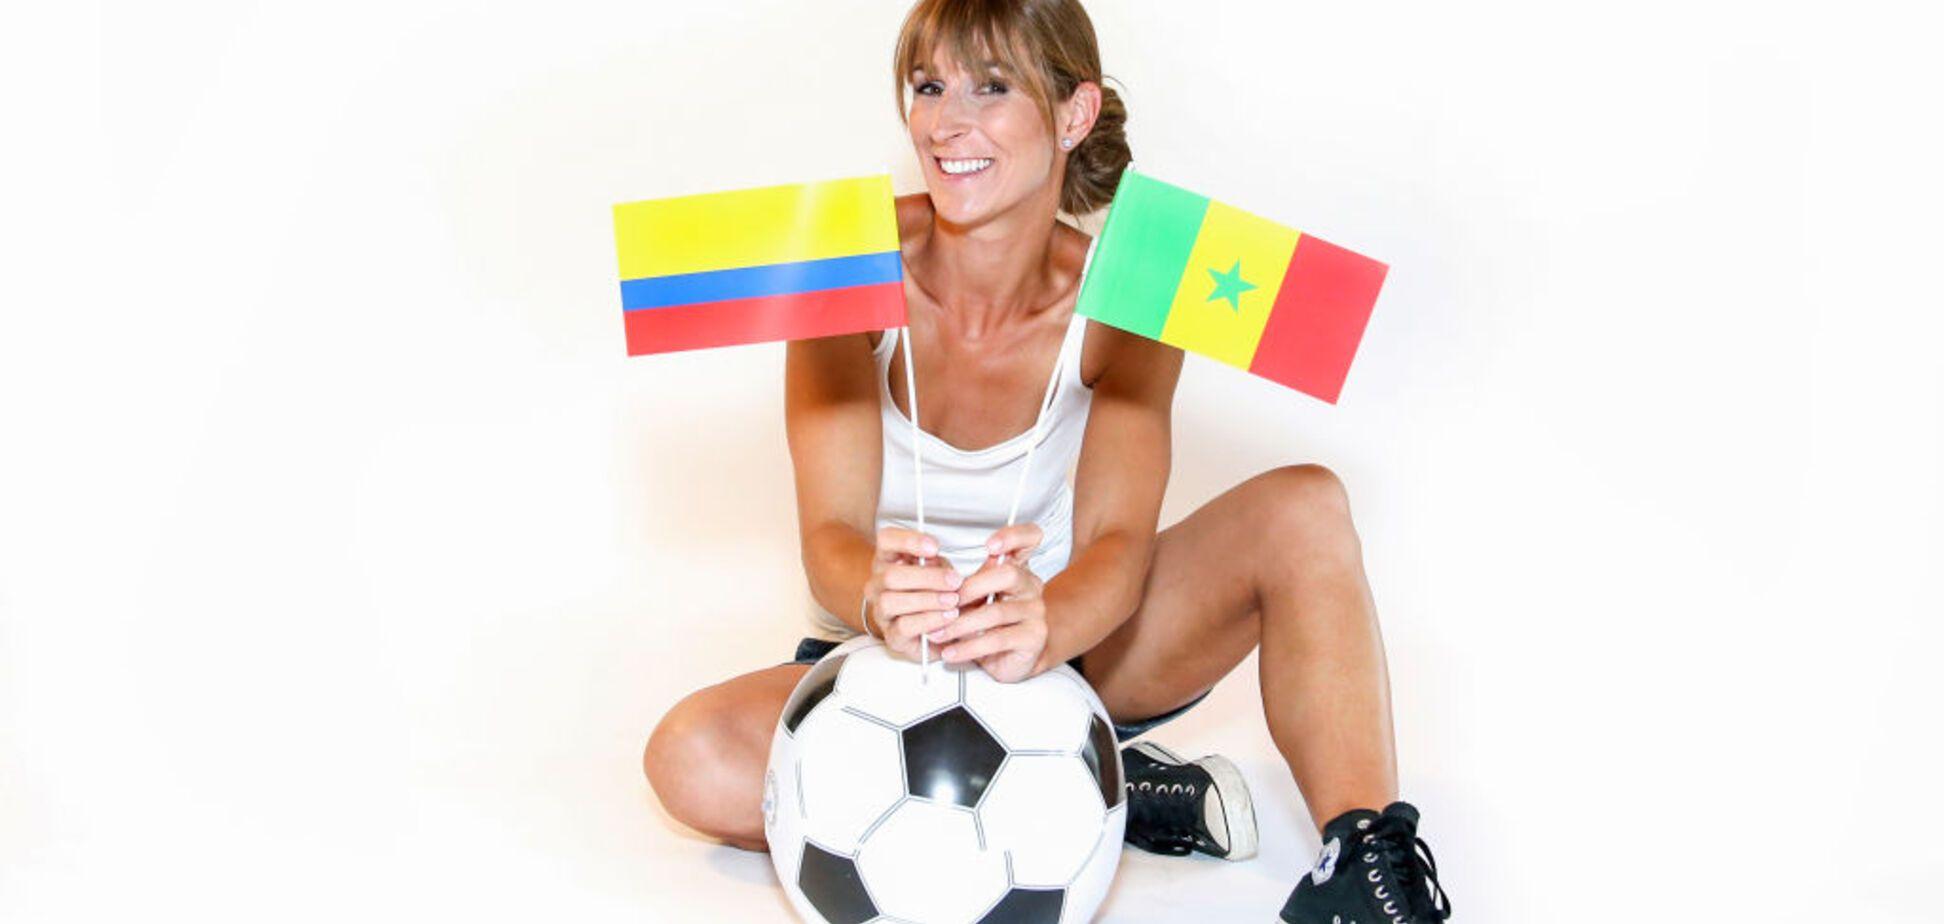 Сенегал - Колумбія - 0-1: онлайн-трансляція матчу ЧС-2018